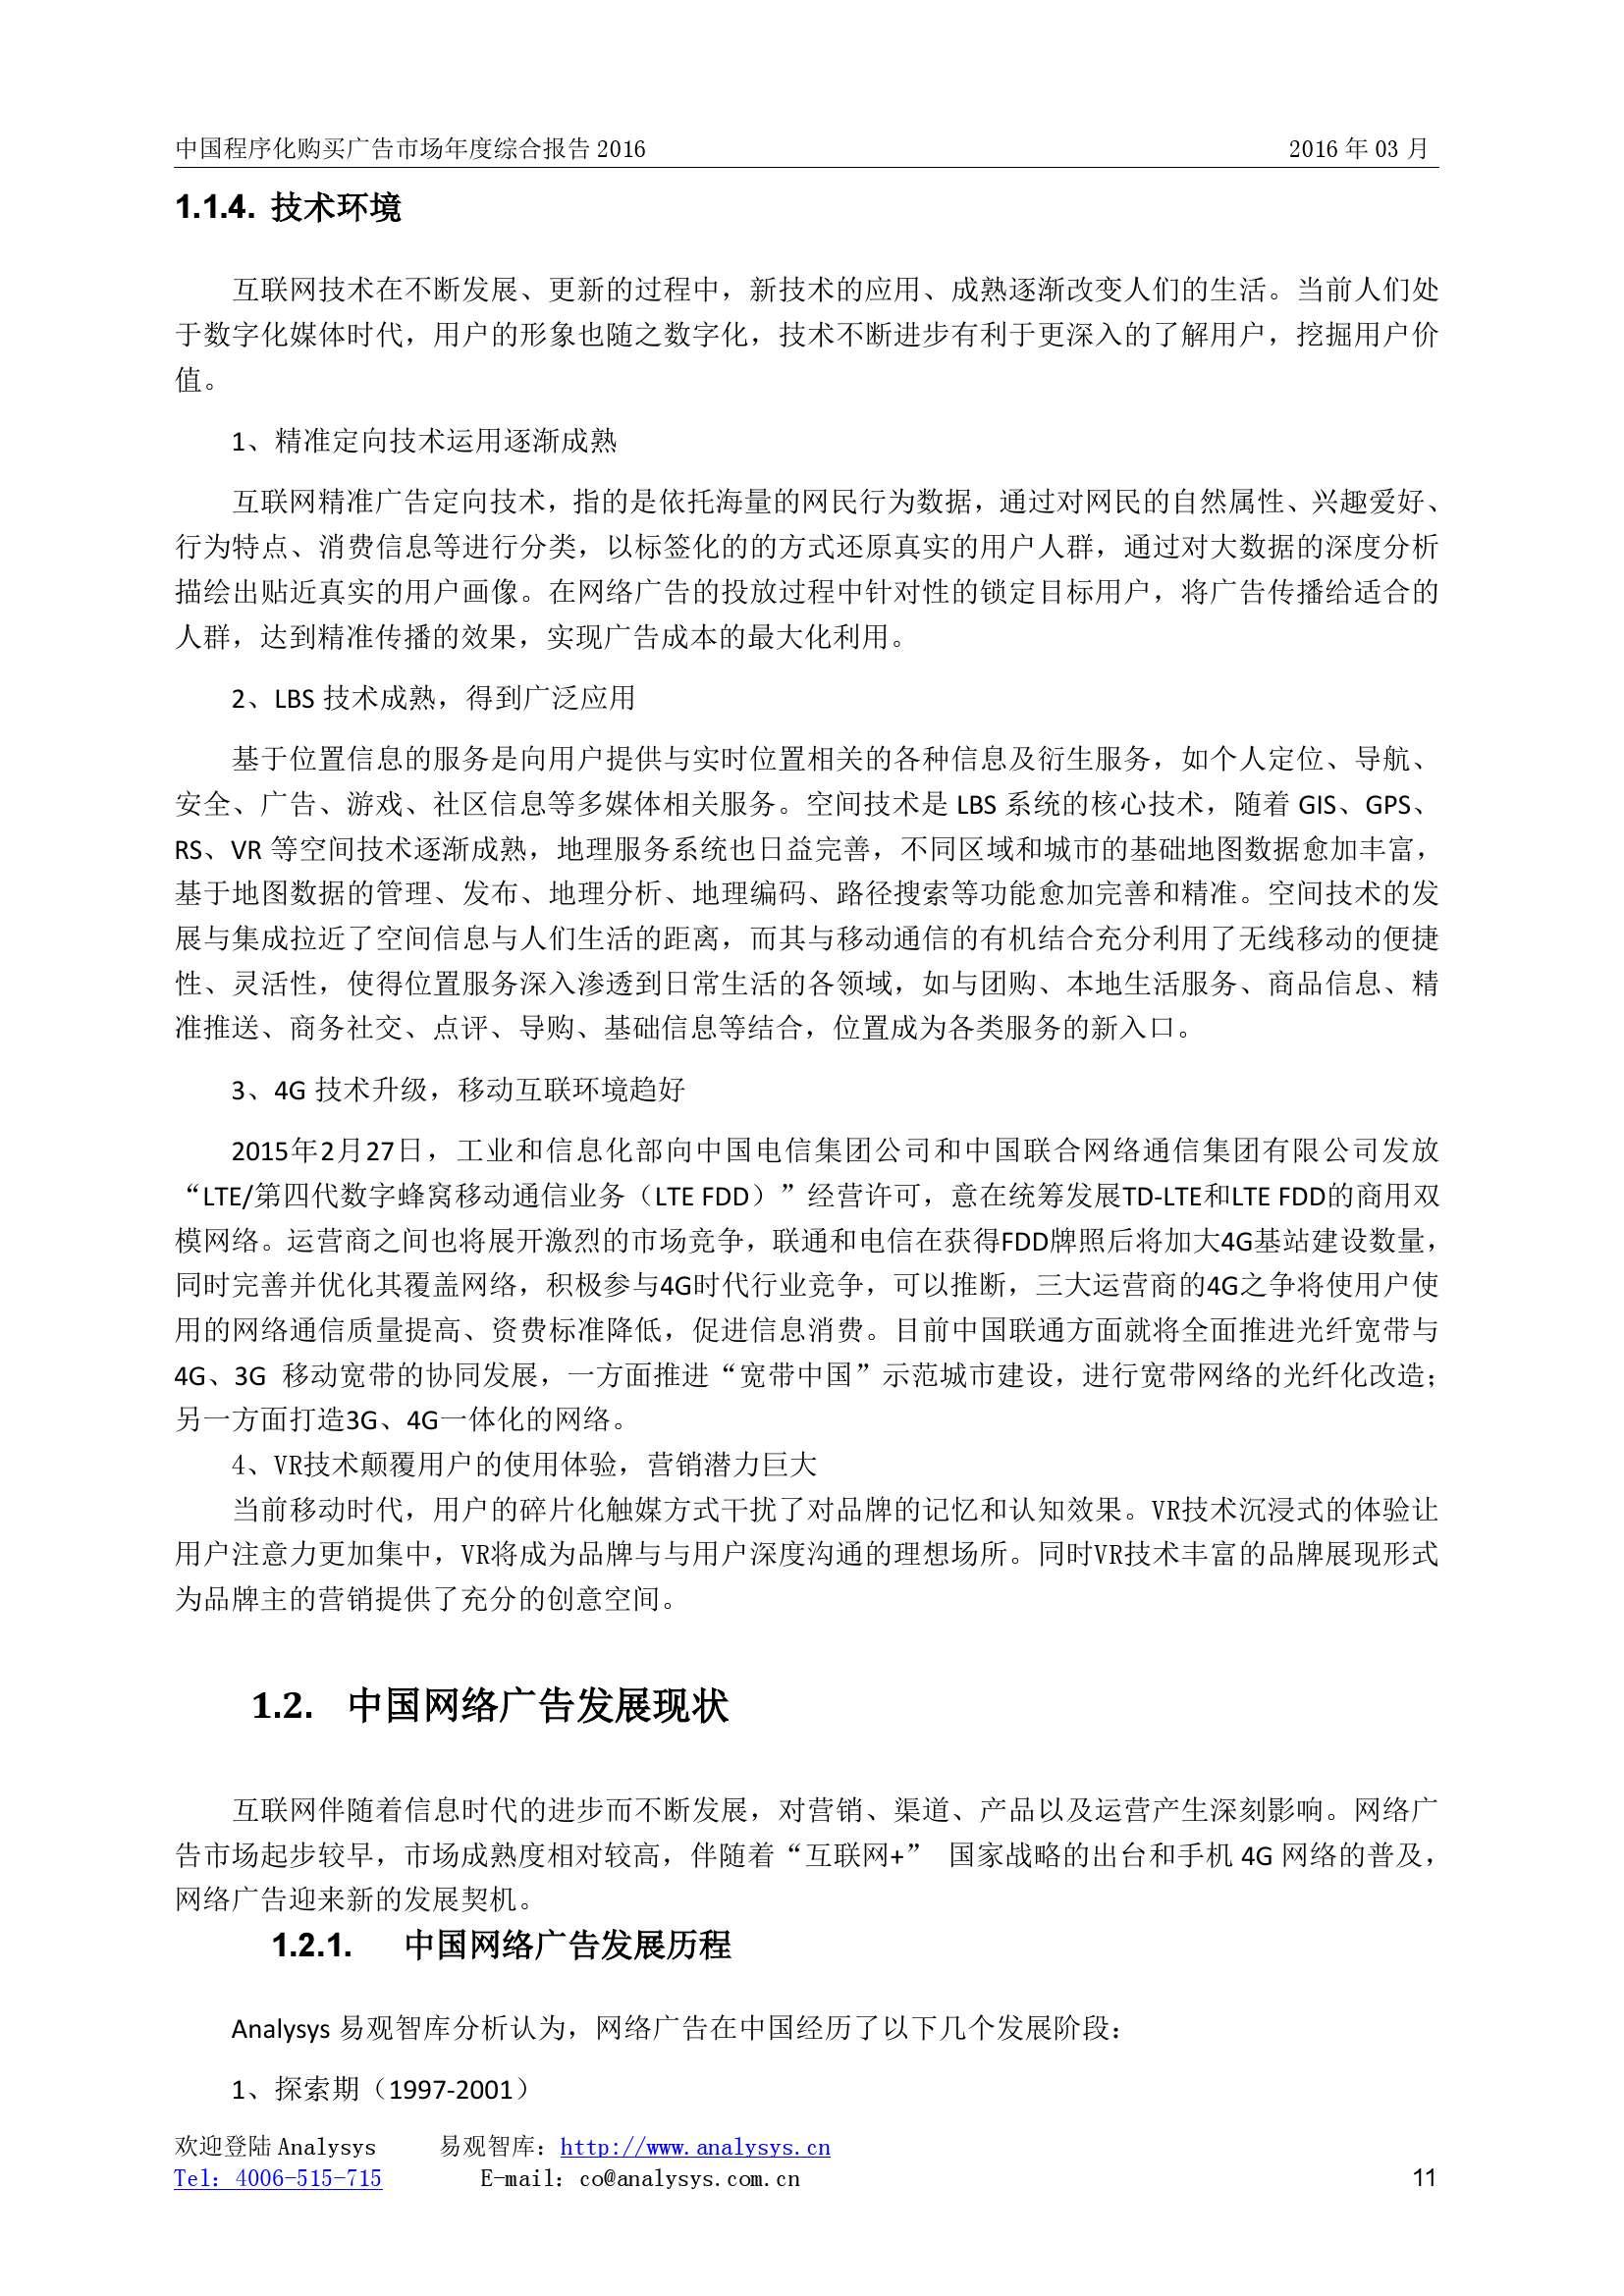 中国程序化购买广告市场年度综合报告2016_000011